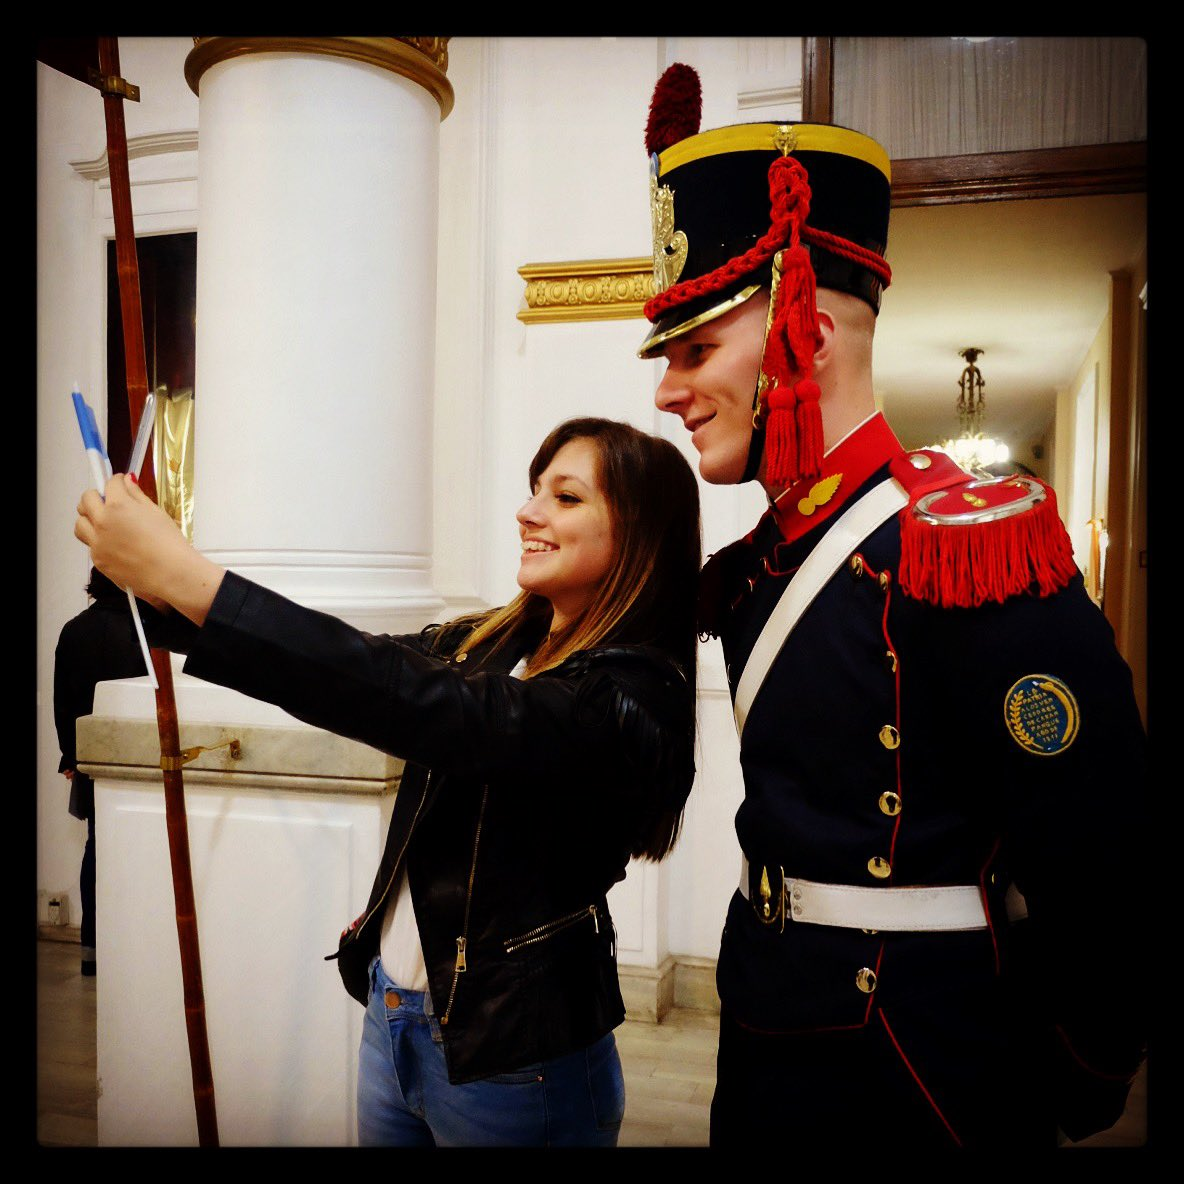 """Siempre es una buena oportunidad para sacarnos una """"Selfie"""" con alguno de los #AmigosMW que visitan nuestro museo #MuseumWeek #friendsMW"""